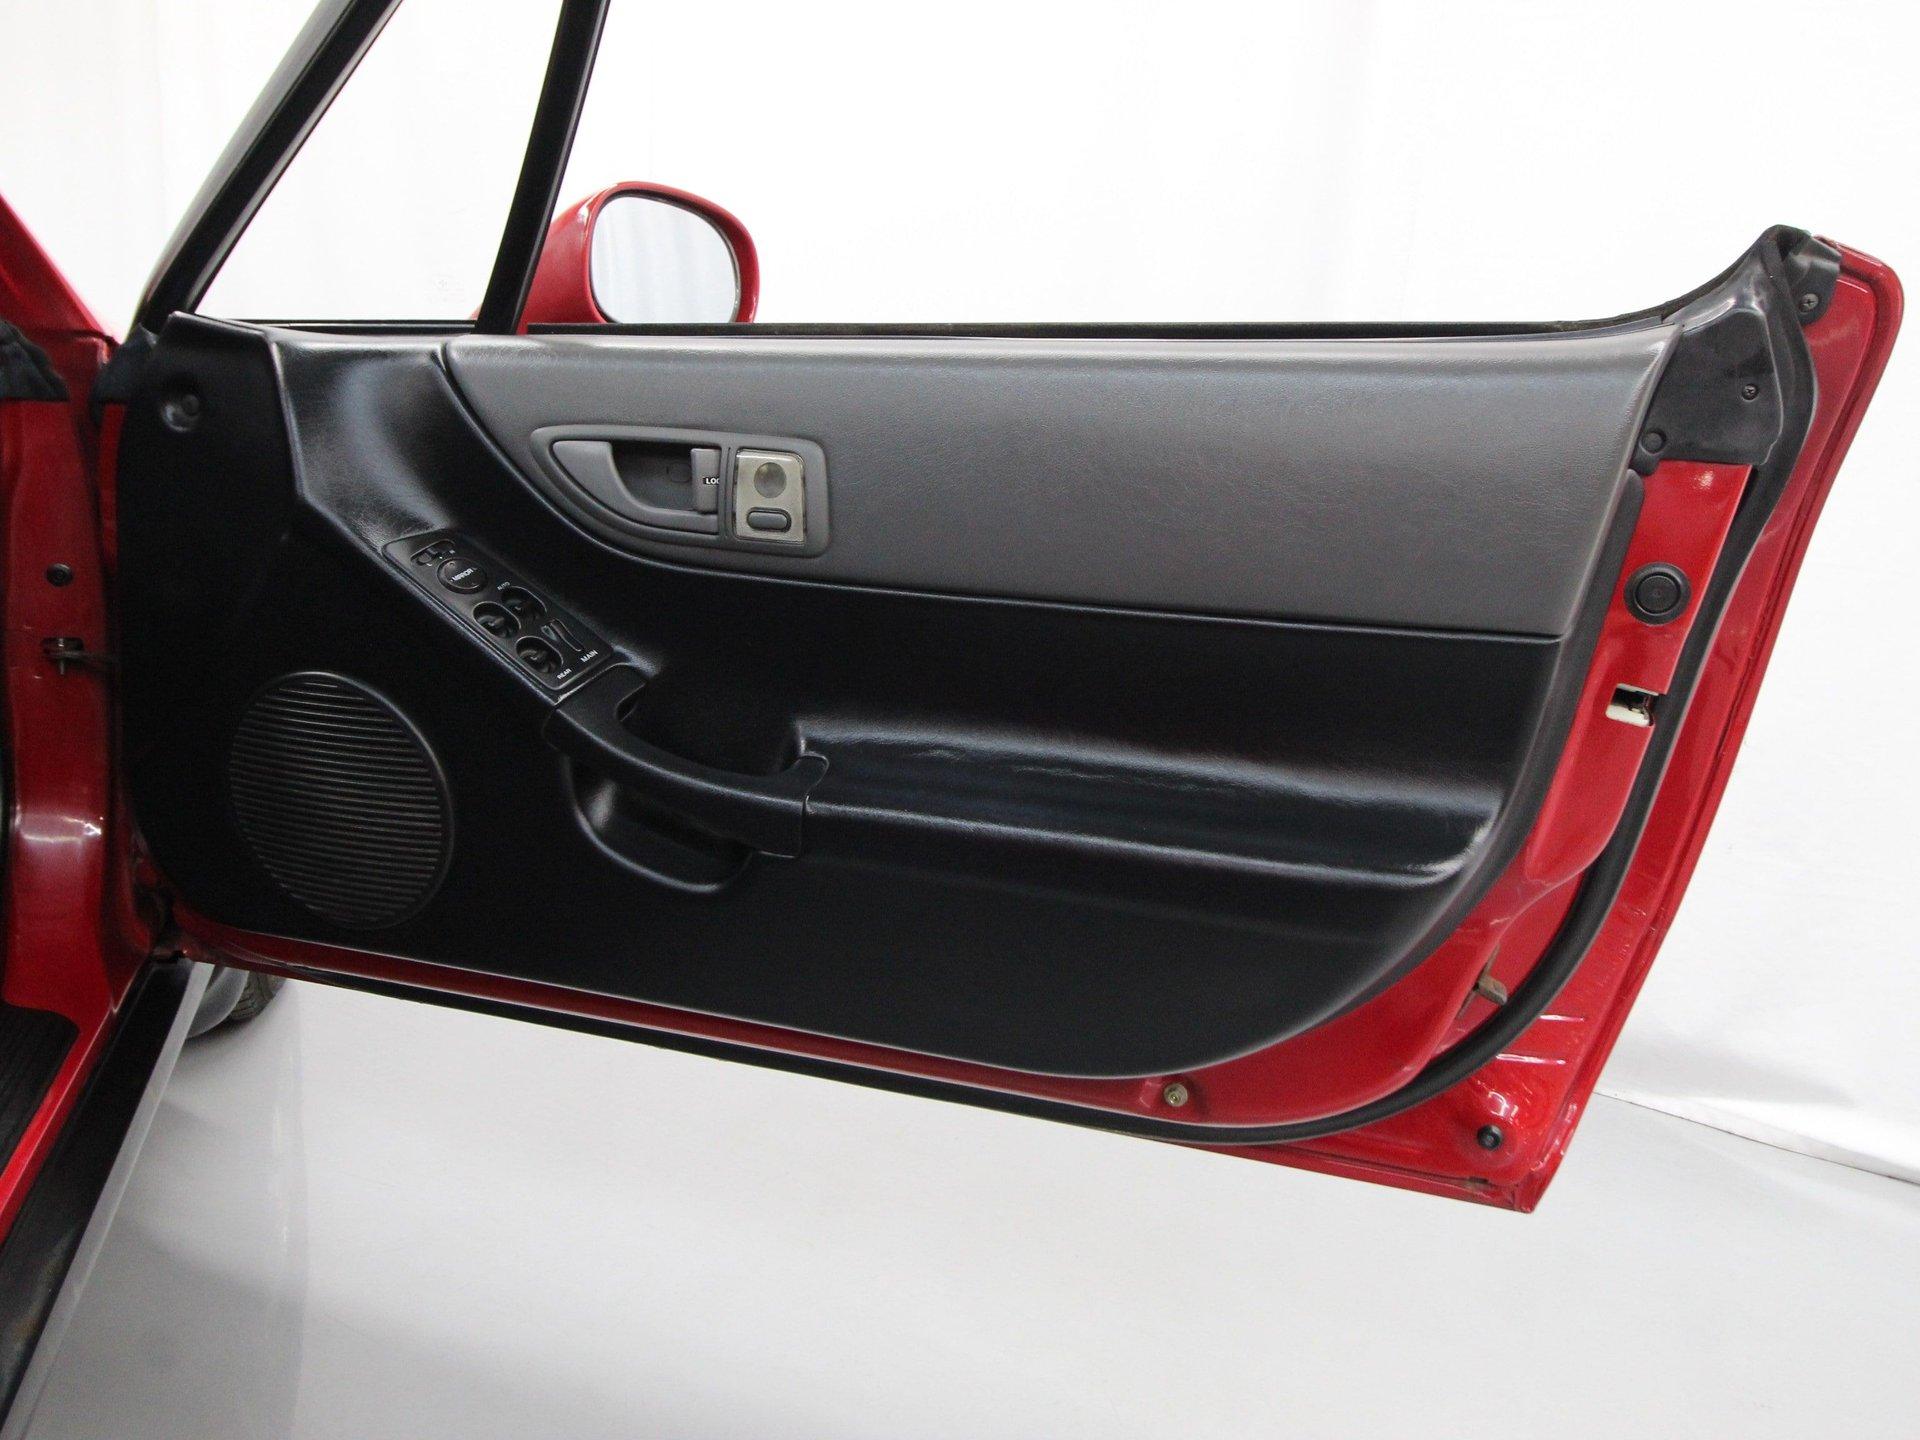 1992 Honda CR-X del Sol TransTop